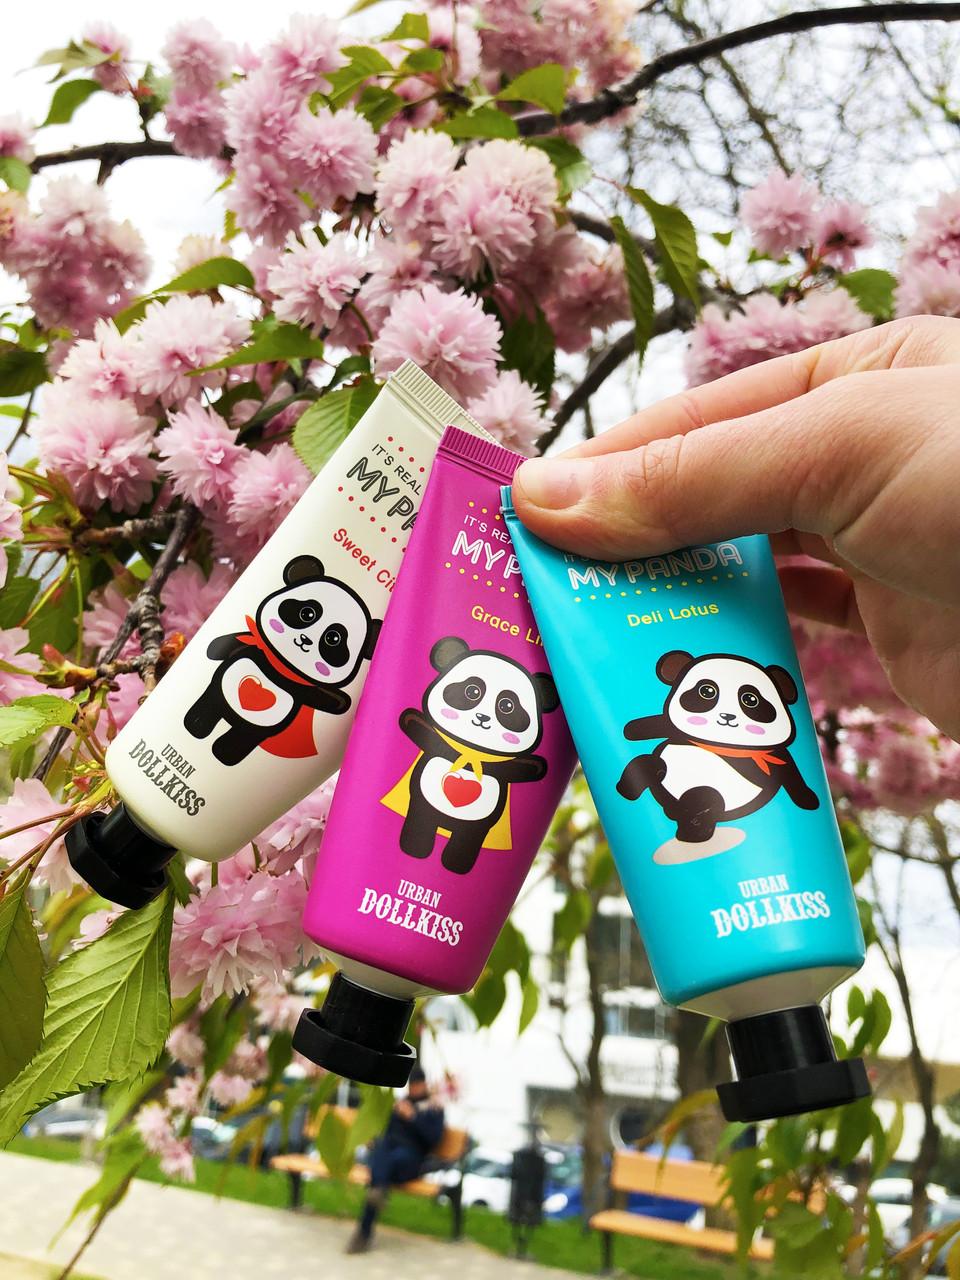 Восстанавливающий крем для рук 12 мл Urban Dollkiss It's Real My Panda Hand Cream (Deli Lotus)